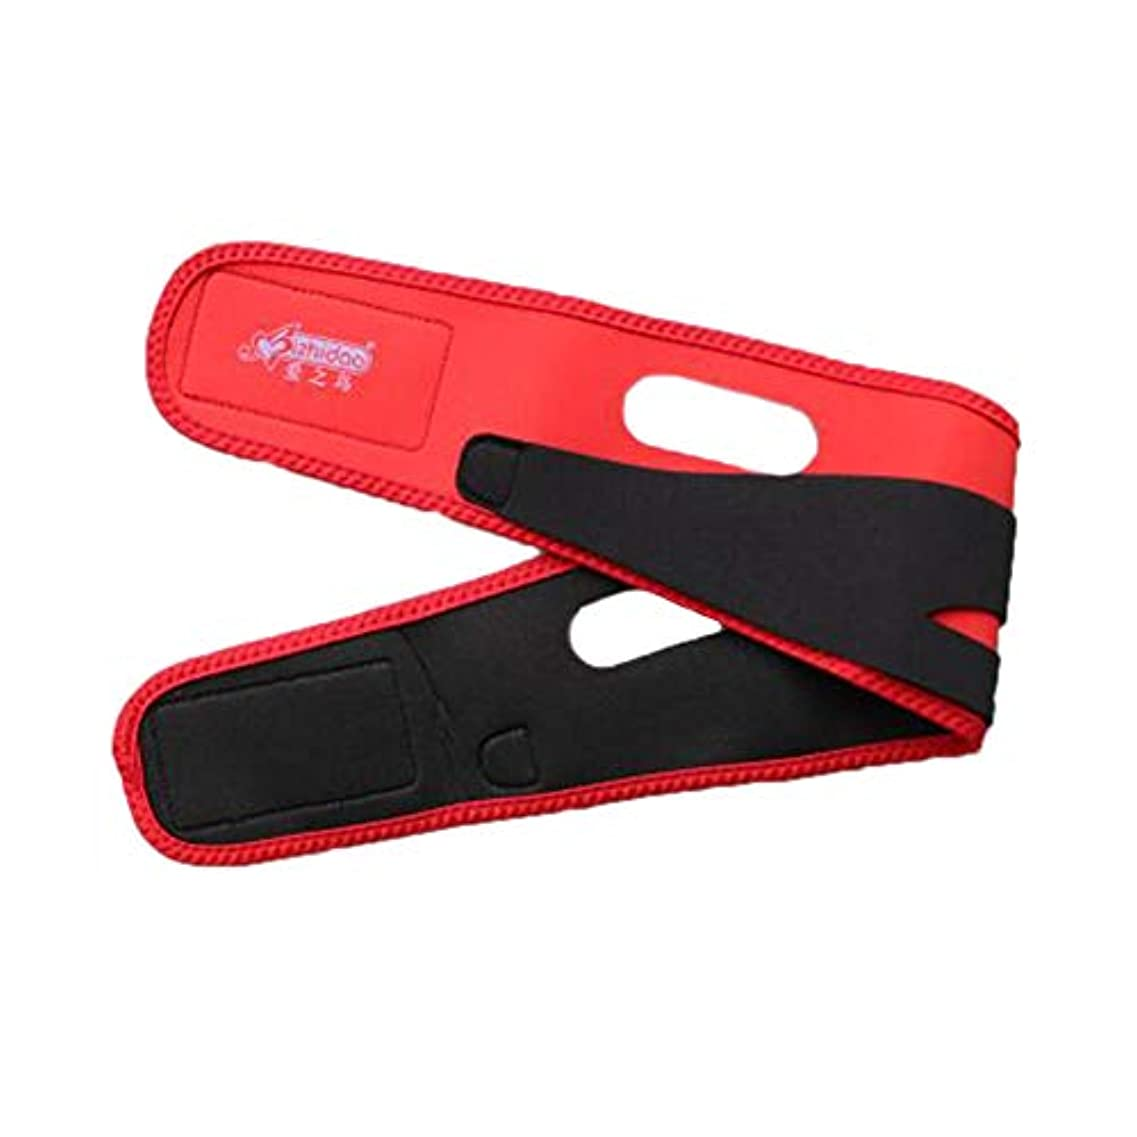 トロリー鰐側フェイススリミングバンデージ、ダブルチンケア減量、フェイシャルリフティングバンデージ、フェイスマッサージマスク、ダブルチンストラップ(フリーサイズ) (Color : Red)